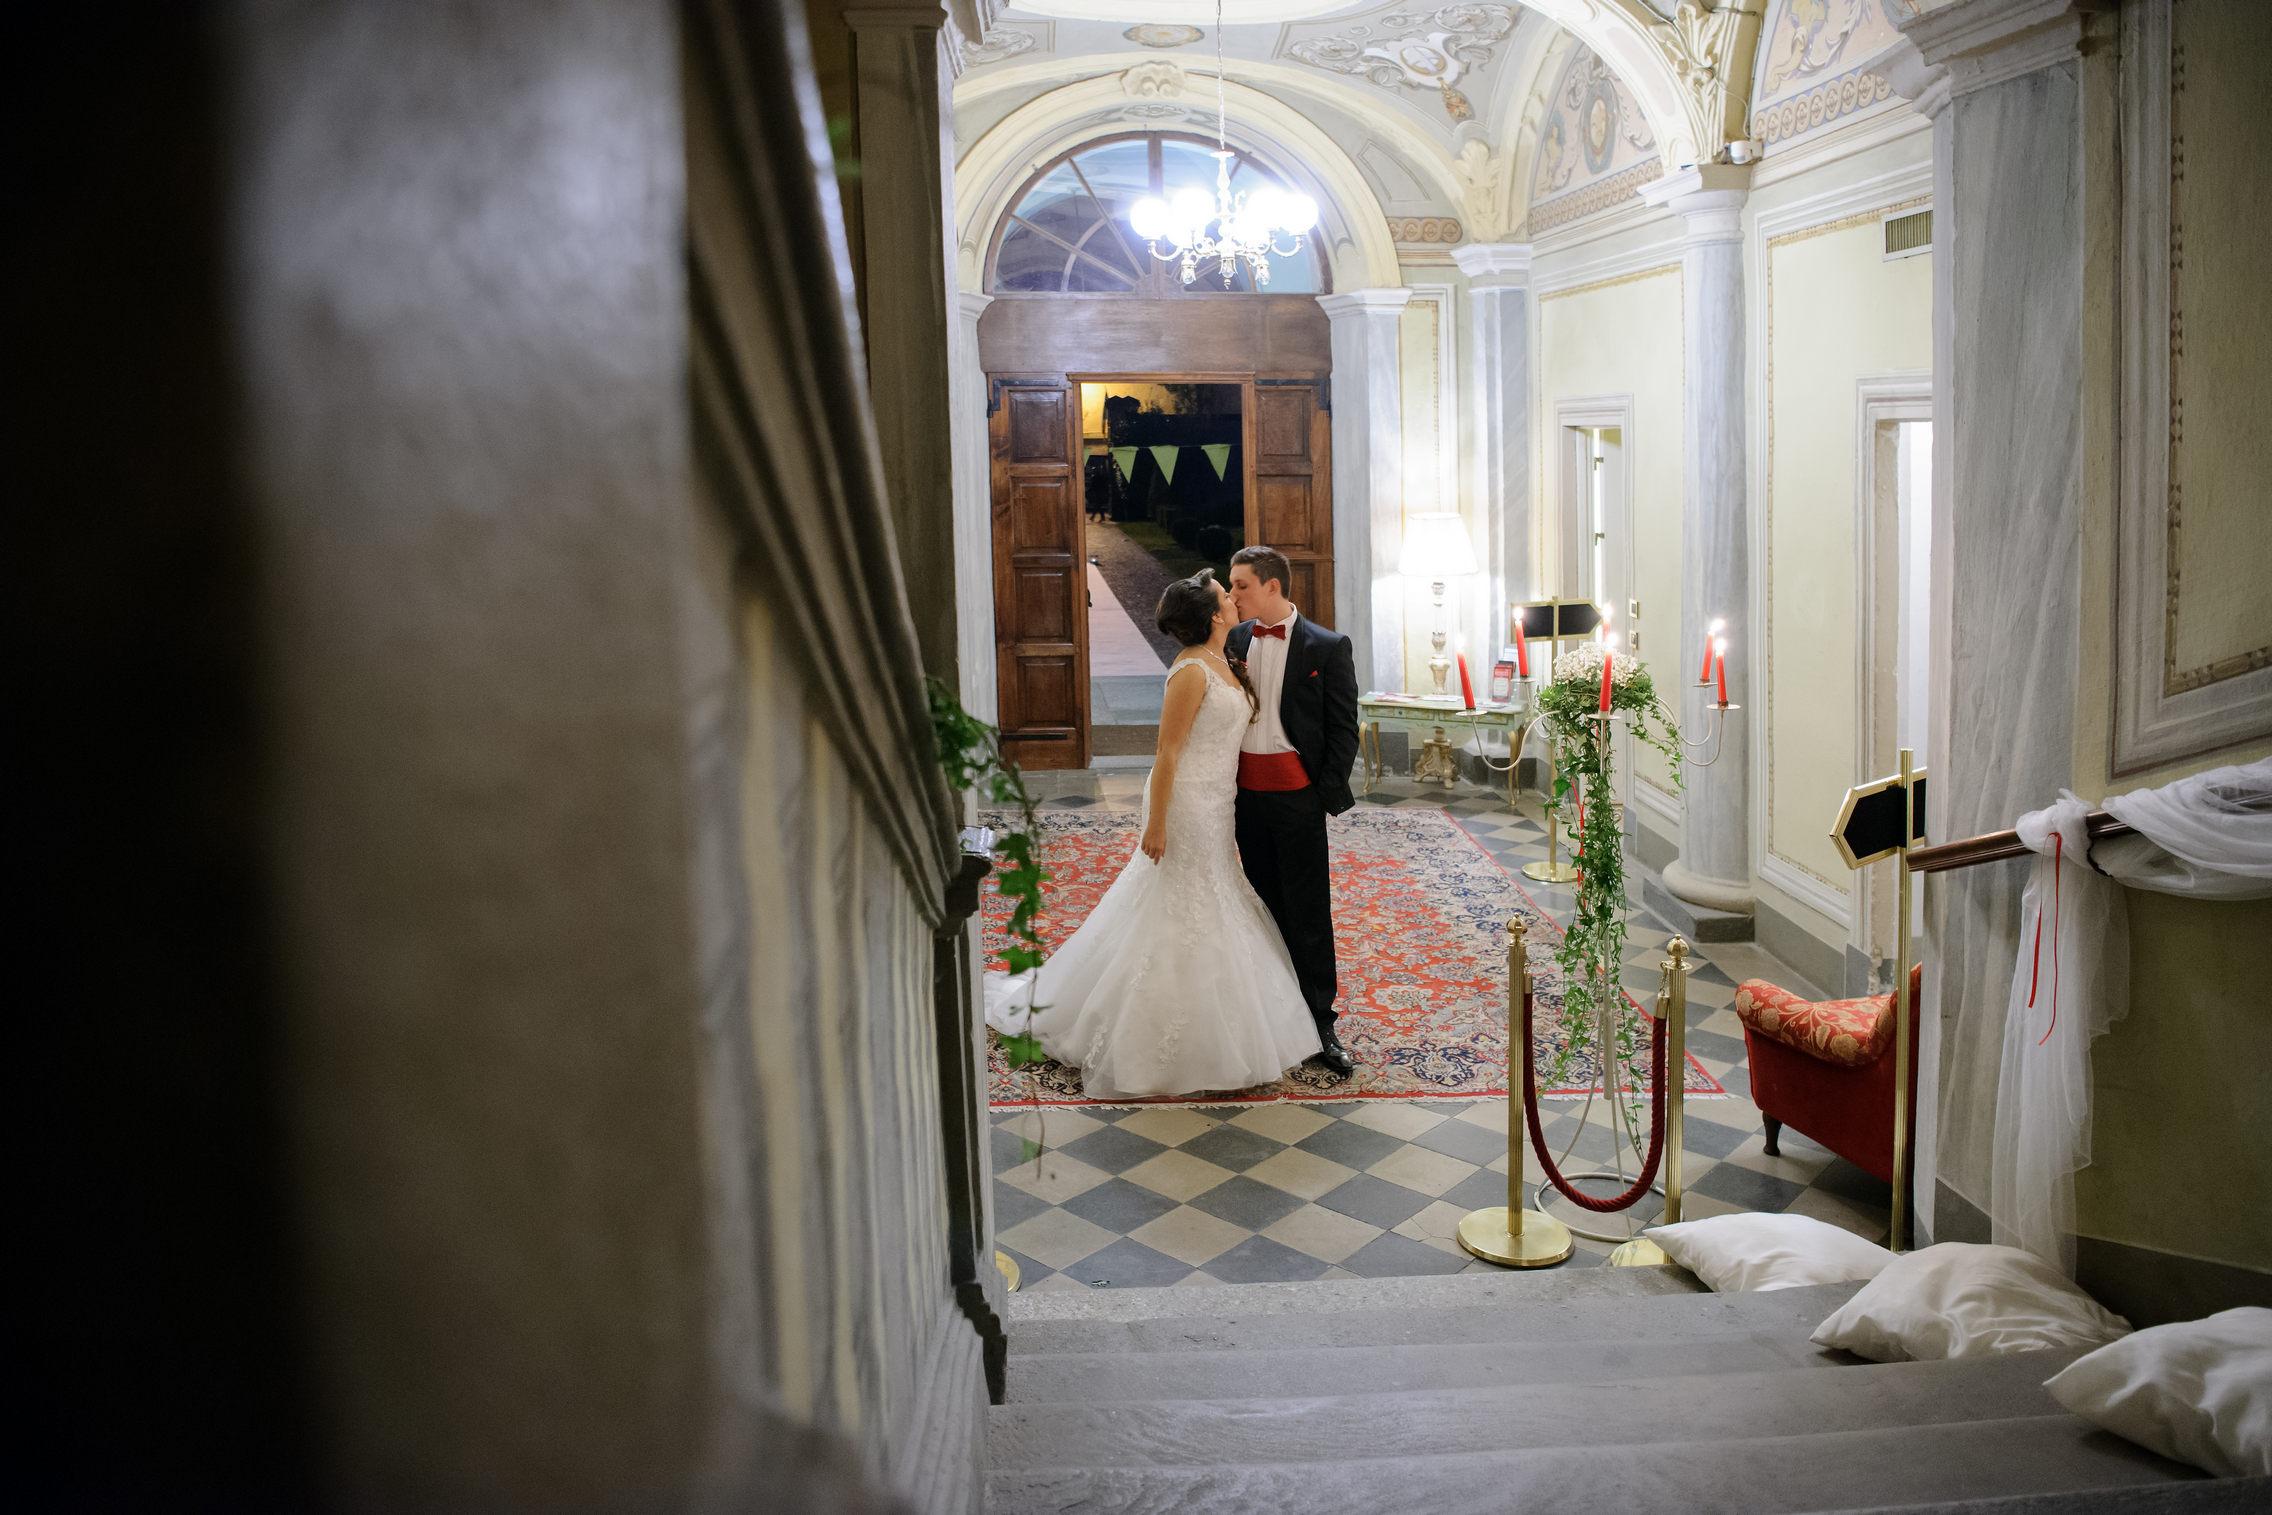 bacio degli sposi nella hall - kiss in the lobby